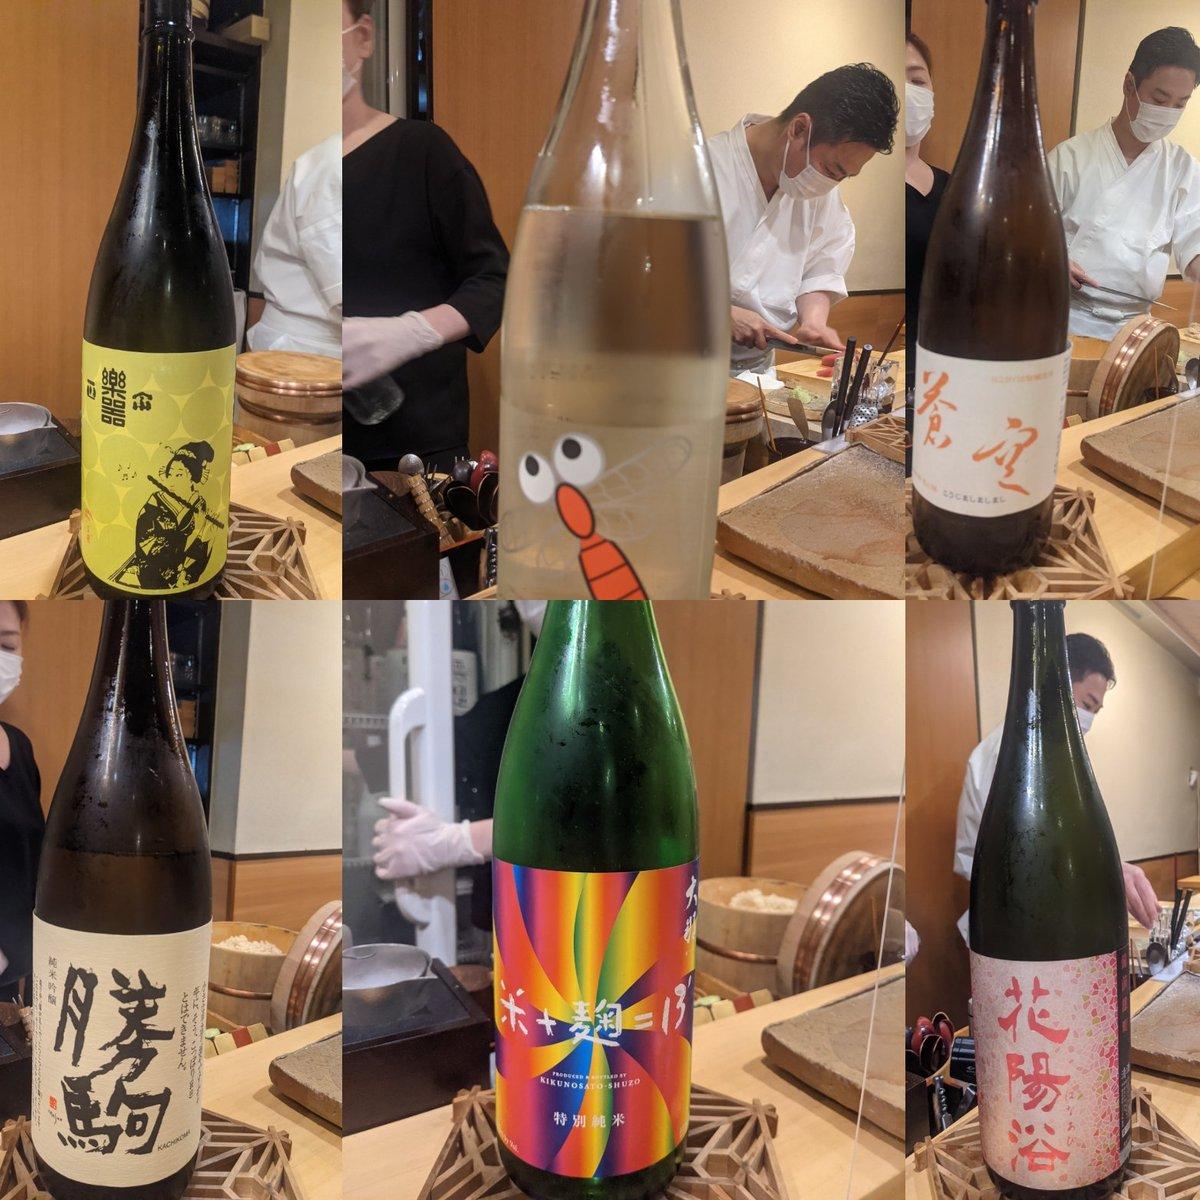 test ツイッターメディア - 今日飲んだ日本酒  花陽浴は今まで飲んだ中で1番好みじゃなかったなあ  くどき上手と蒼空が良かった。  十四代はもちろん美味い  #日本酒 https://t.co/NizspwEWOB